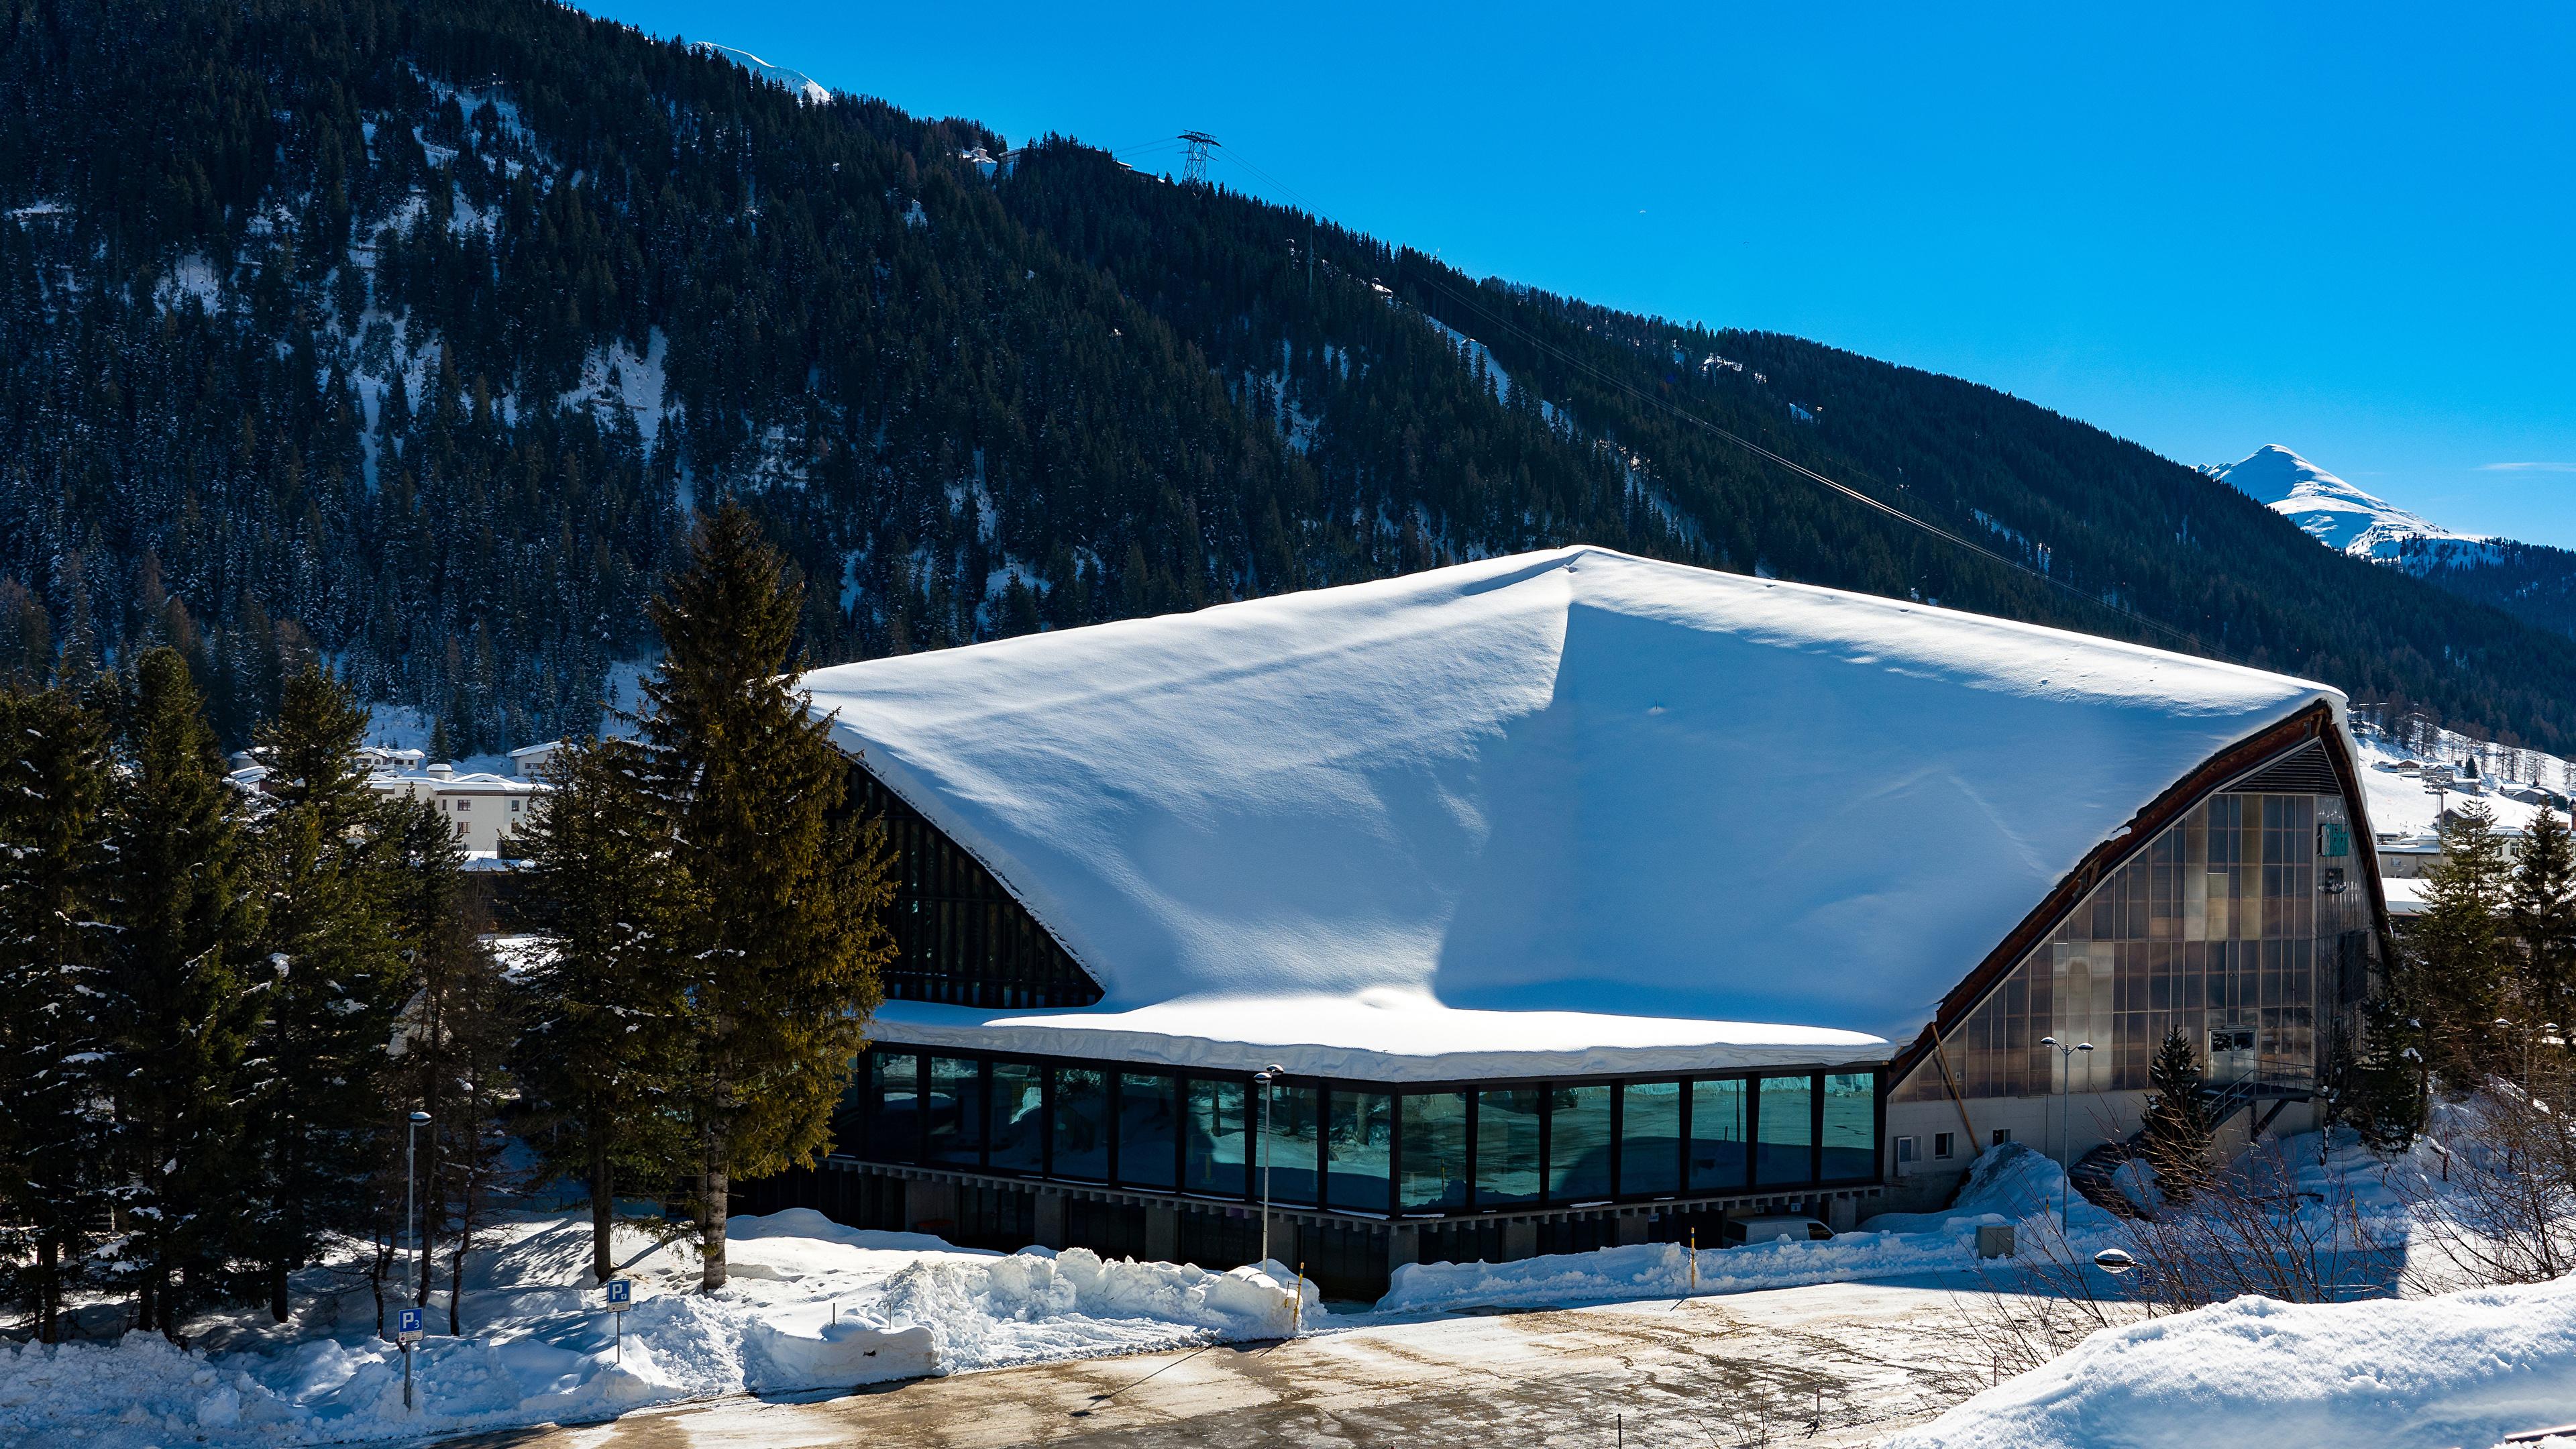 Картинка Швейцария Davos гора зимние снегу город Здания 3840x2160 Горы Зима Снег снеге снега Дома Города